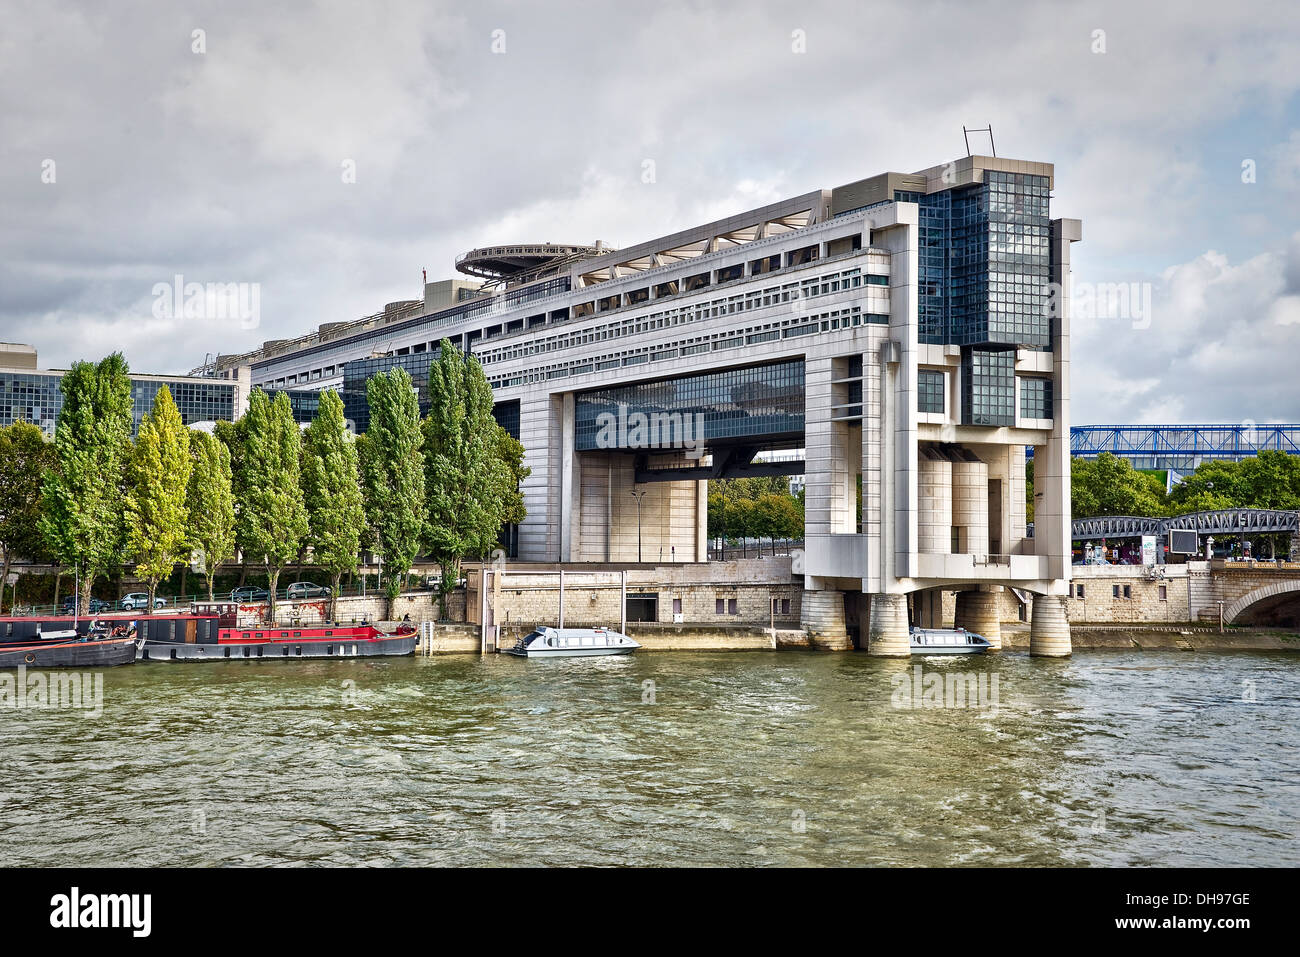 Der Sitz des Ministers für Wirtschaft, Finanzen und Industrie in Bercy in Paris - Frankreich Stockbild